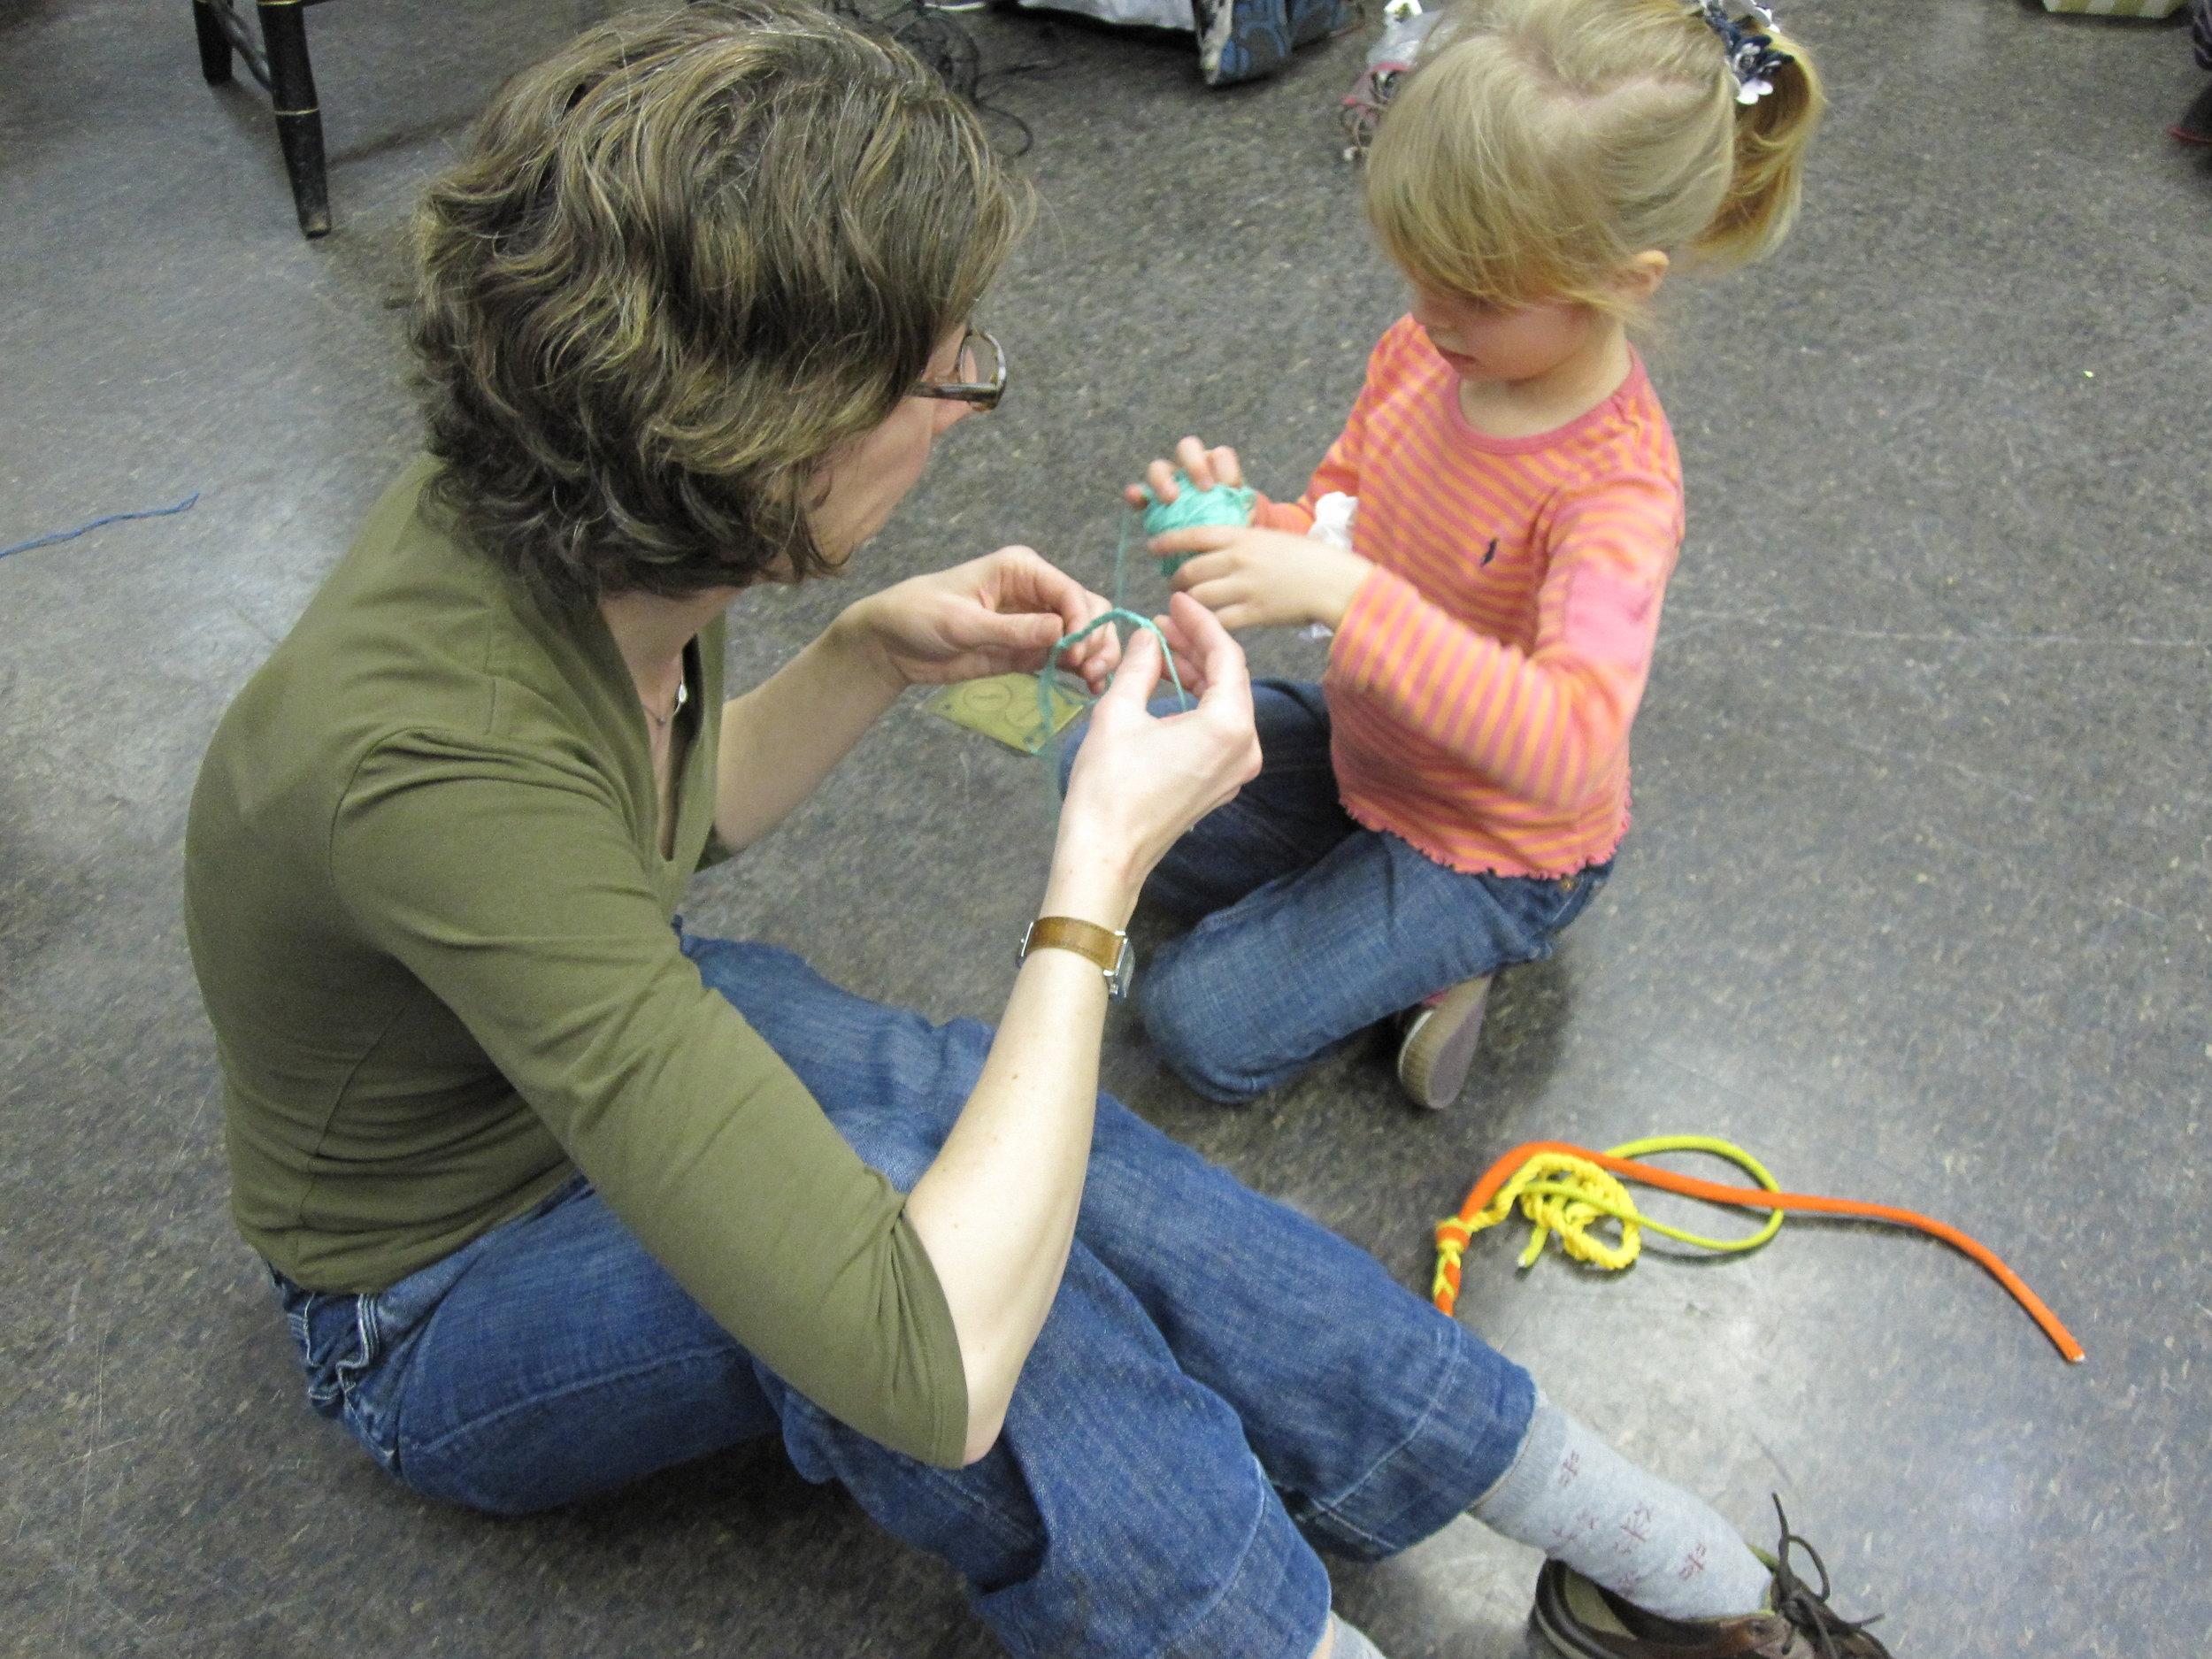 knittingmarathon10_4315174644_o.jpg